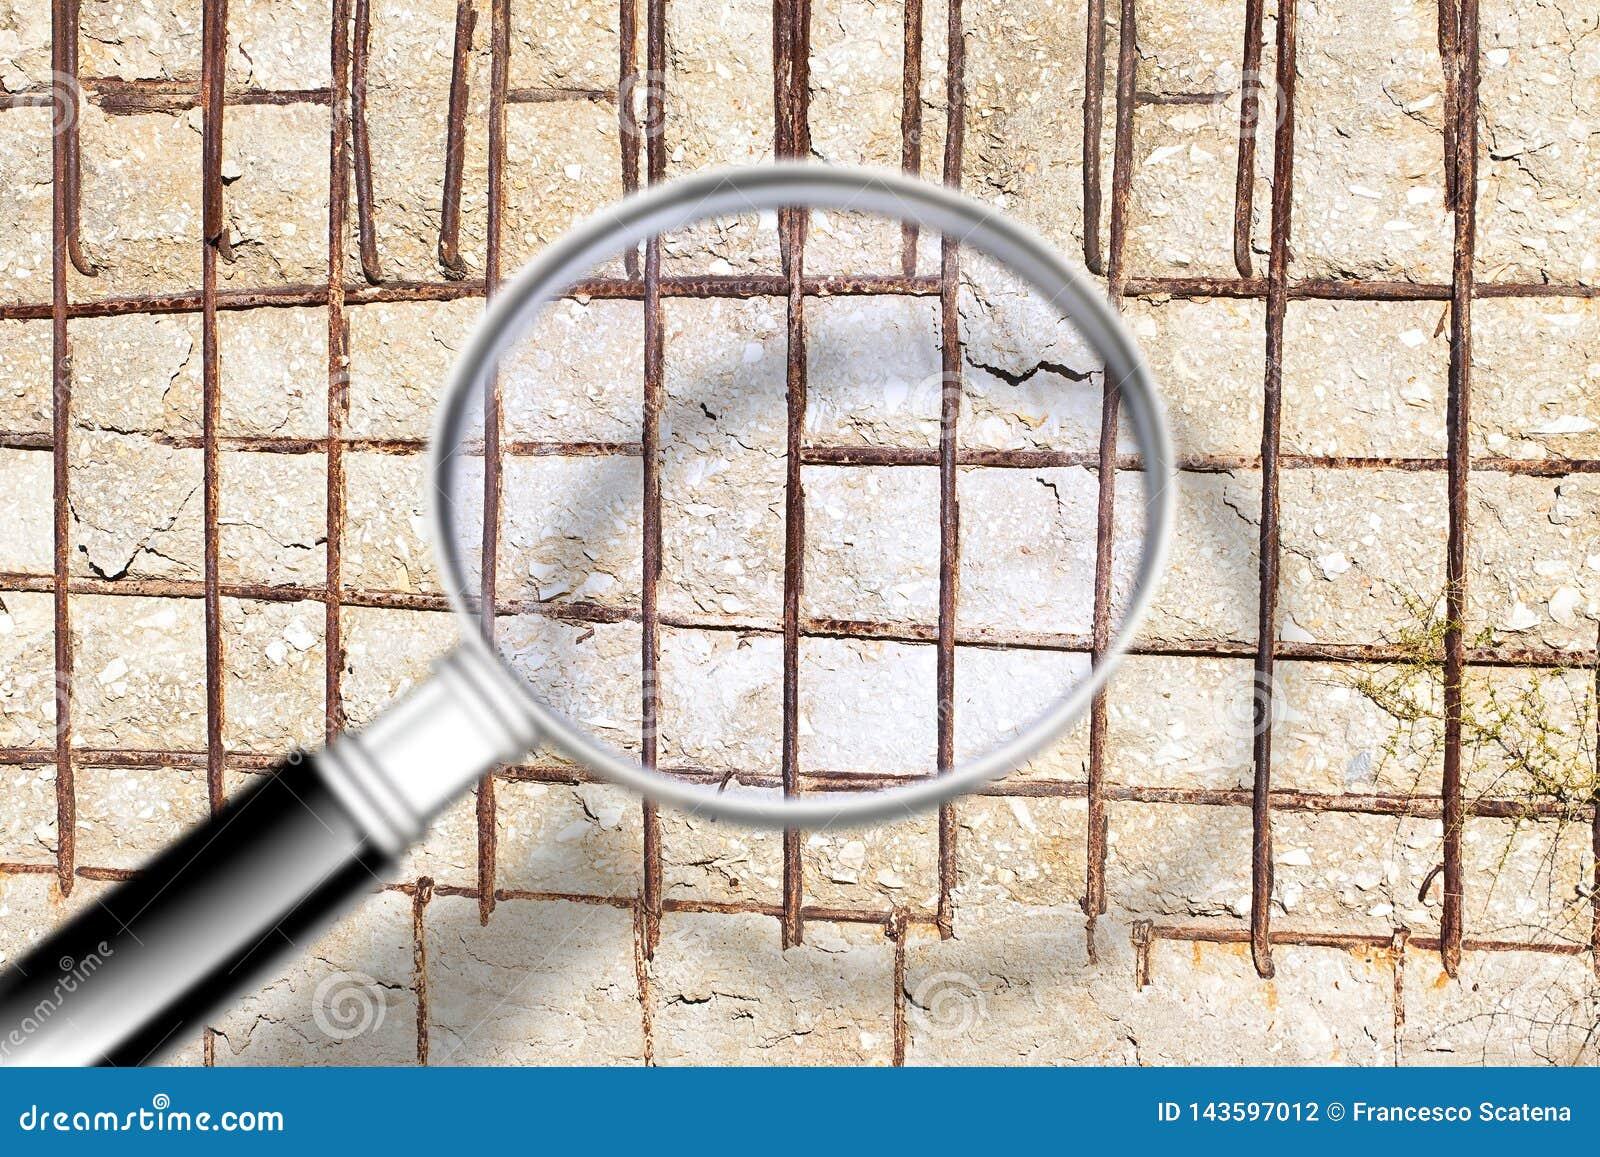 Ραγισμένος ενισχυμένος συμπαγής τοίχος - εικόνα έννοιας που βλέπει μέσω μιας ενίσχυσης - γυαλί